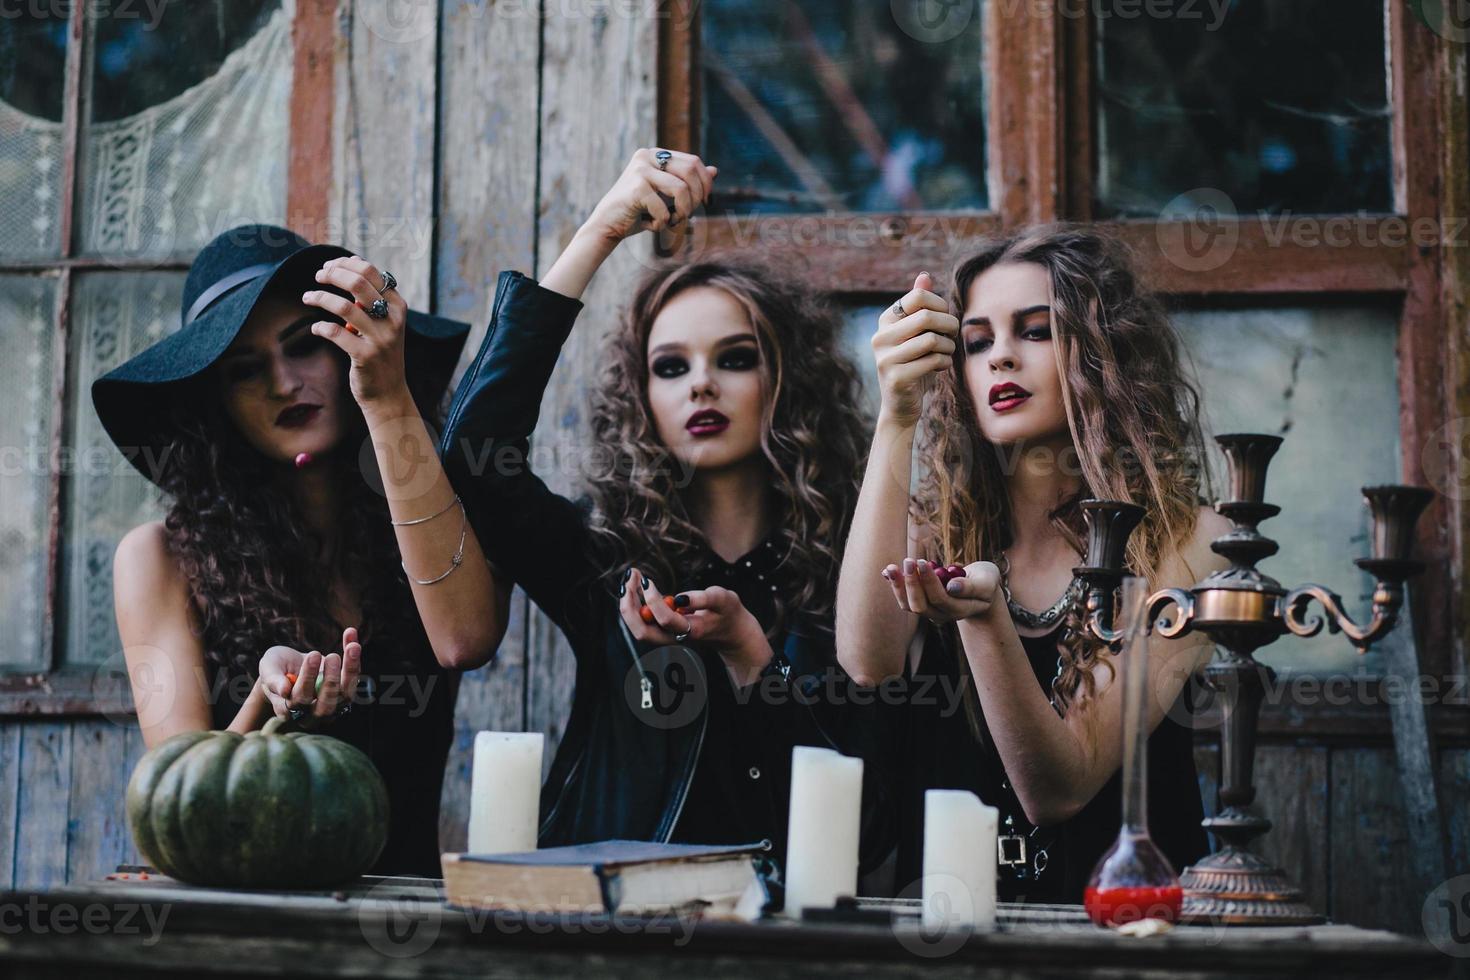 tre streghe vintage eseguono rituali magici foto